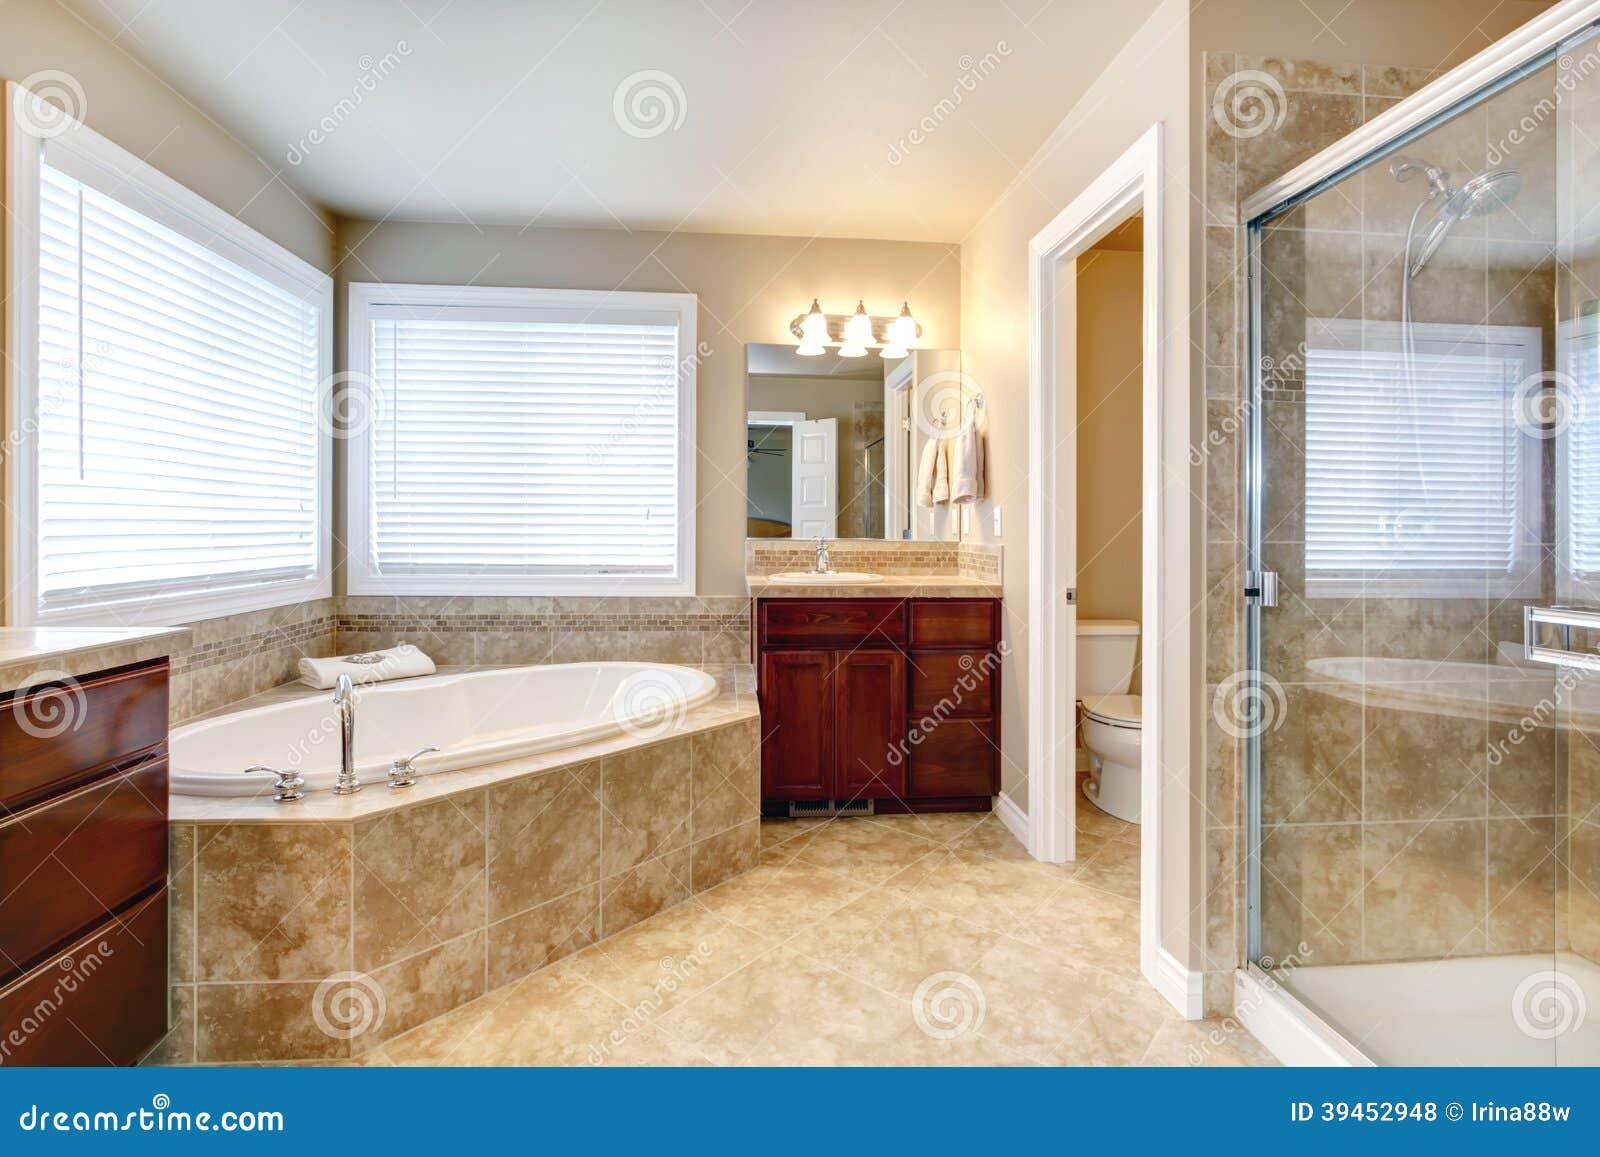 Cuarto de ba o moderno con la tina y la ducha redondas for Cuarto bano moderno